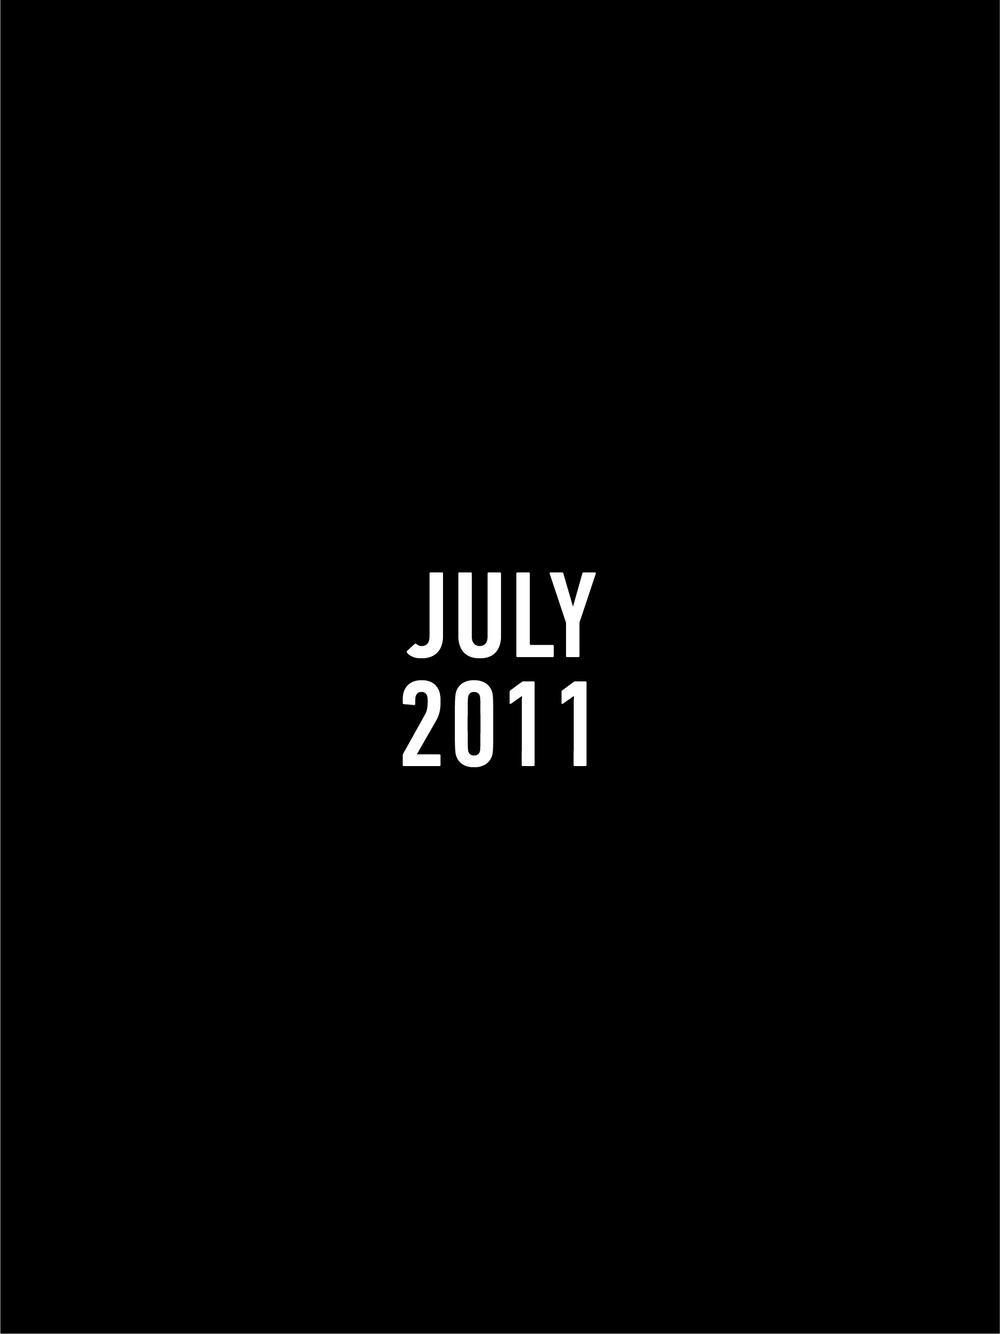 2011 months7.jpg